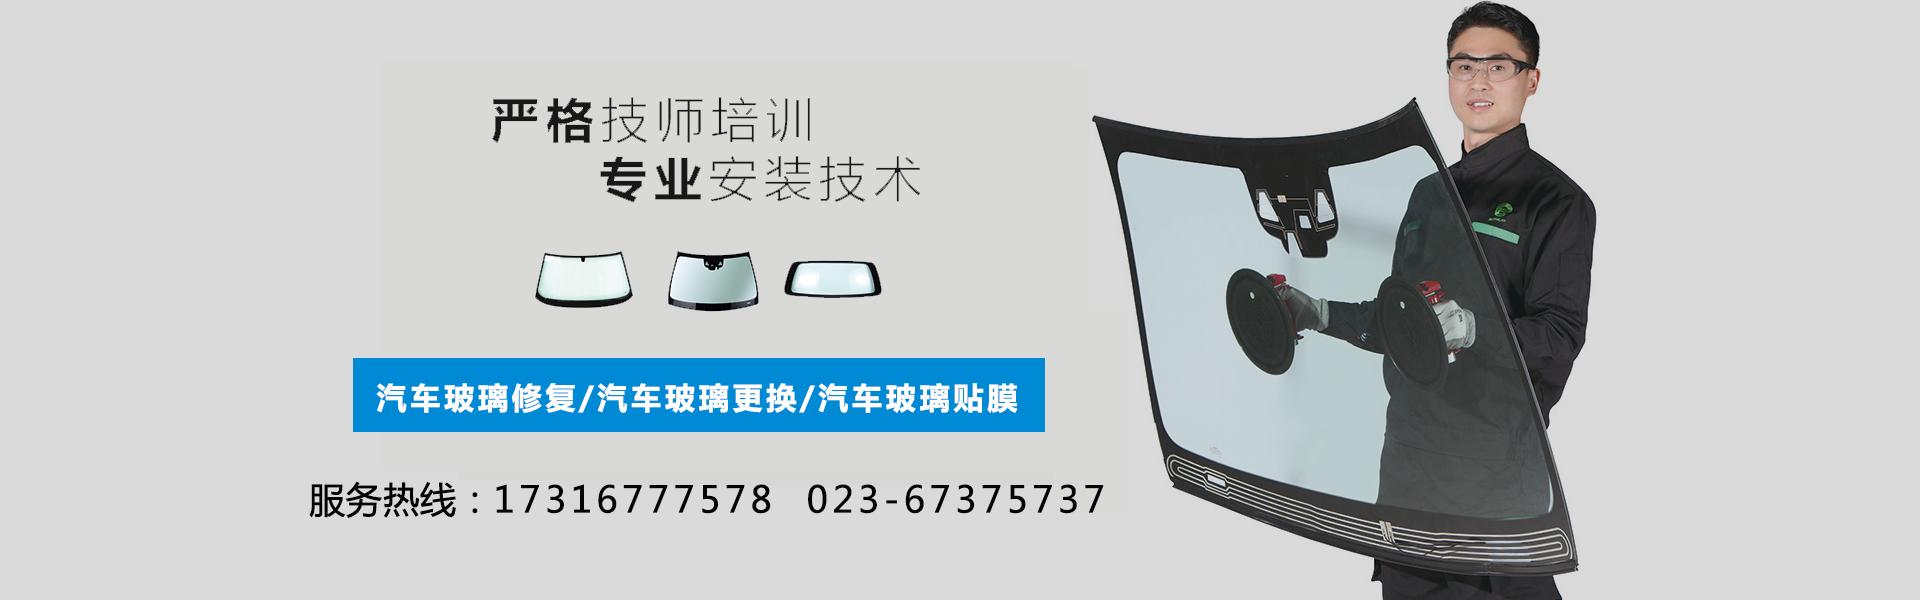 重庆聚伟玻璃严格技师培训,专业安装技术重庆汽车玻璃更换